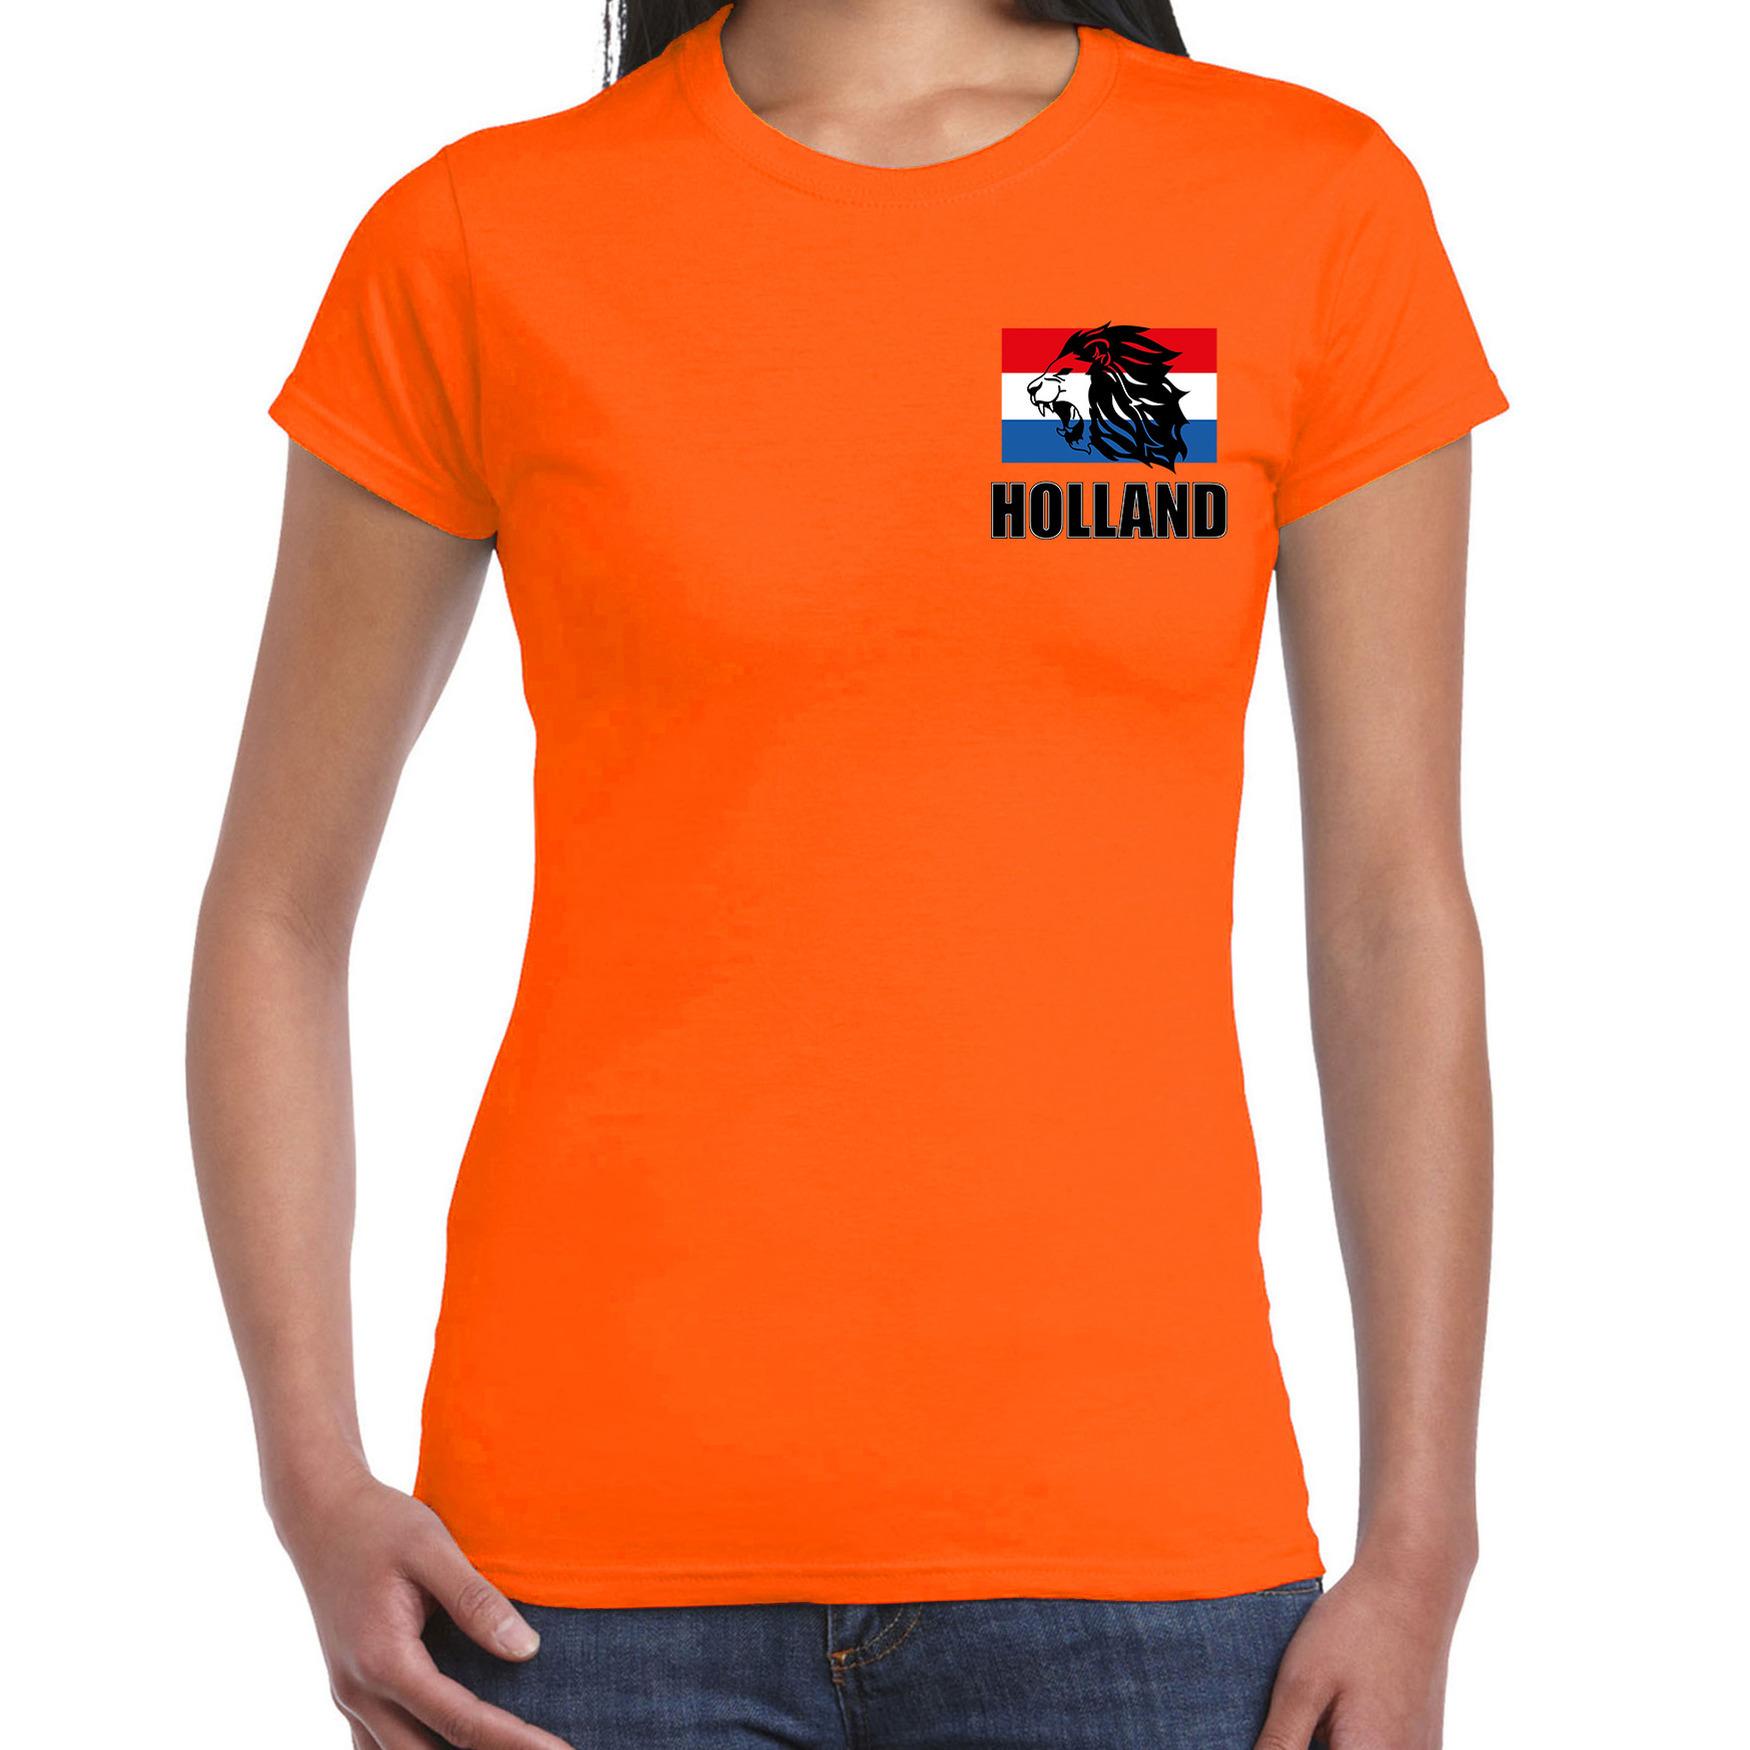 Oranje shirt met brullende leeuw embleem op borst heren - Holland supporter shirt EK/ WK